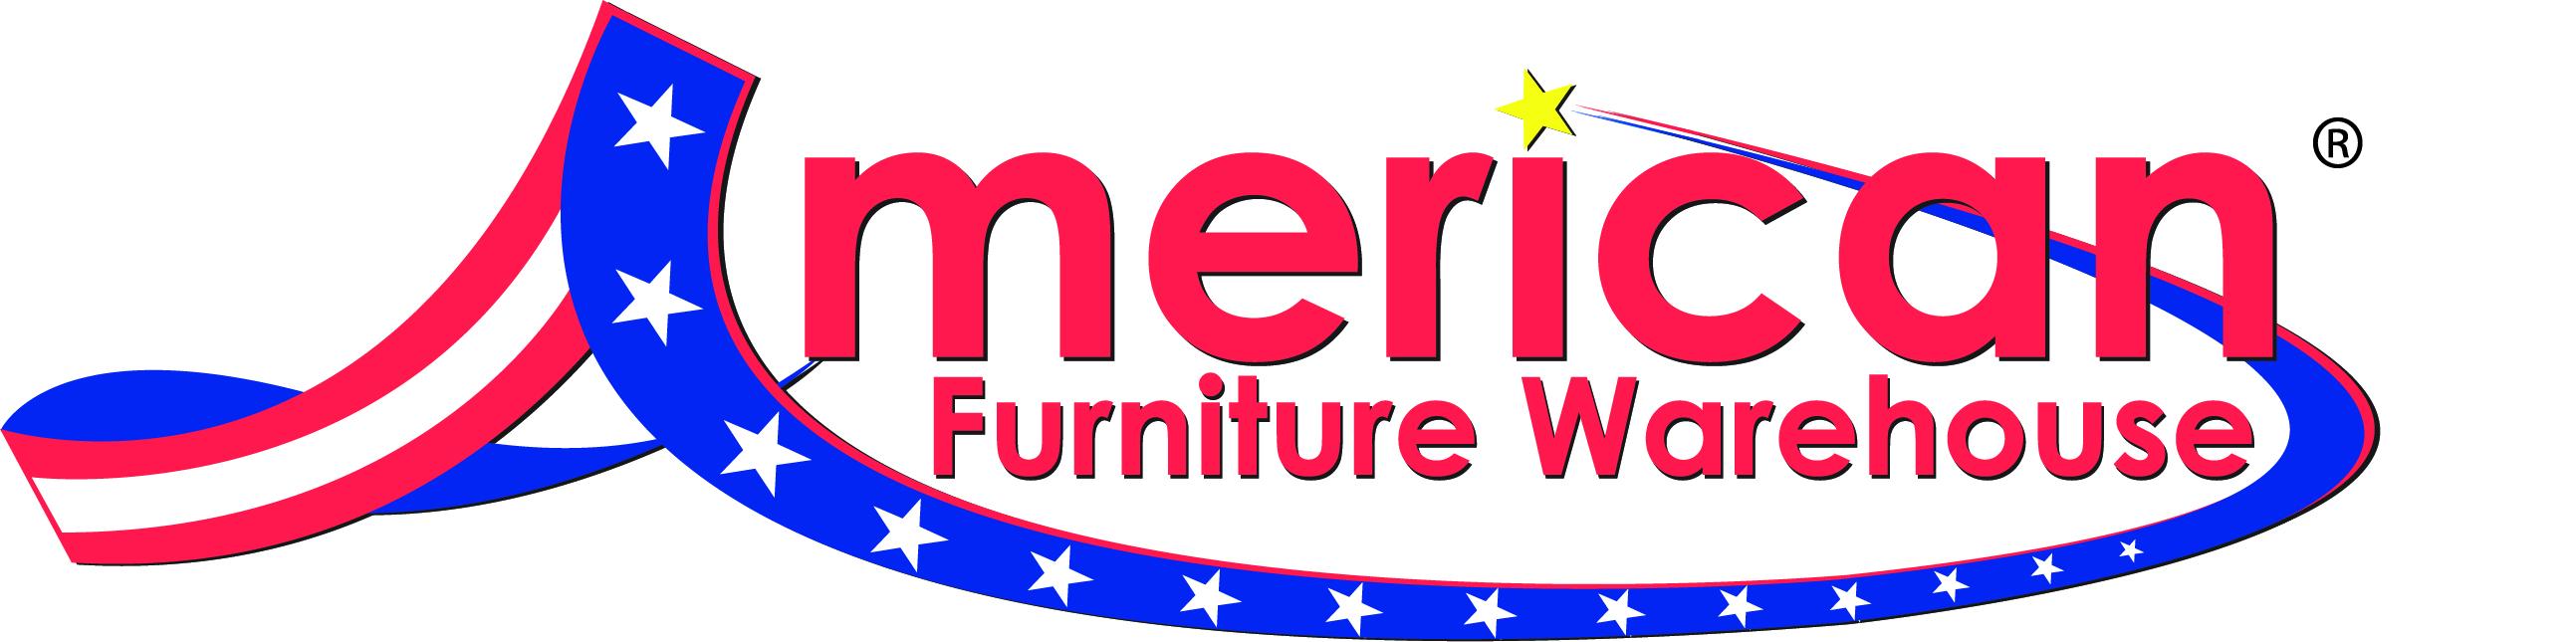 American Furniture Warehouse logo CMYK